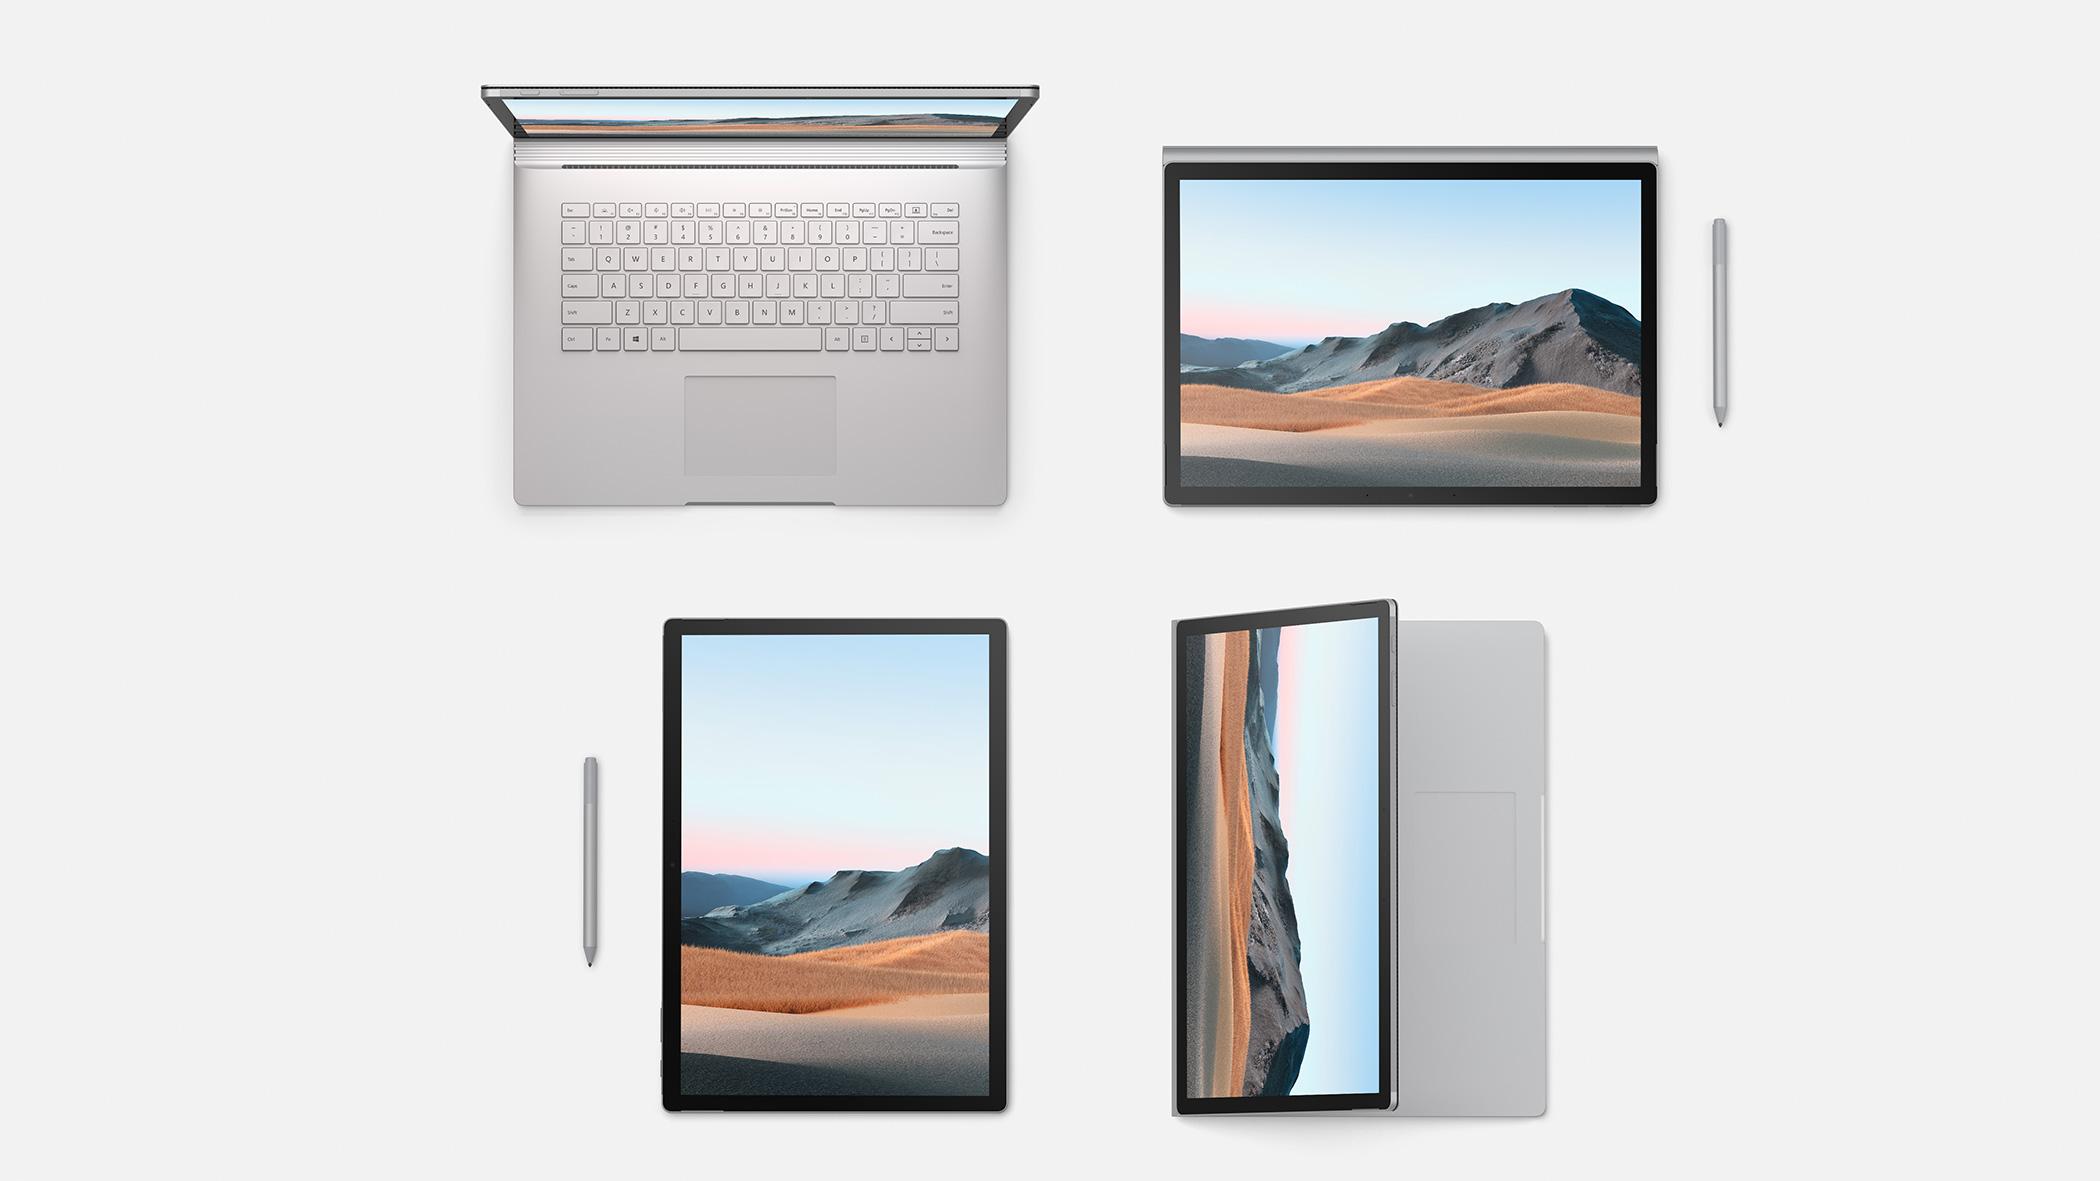 Pourquoi Microsoft ne veut pas d'écrans 4K dans ses Surface